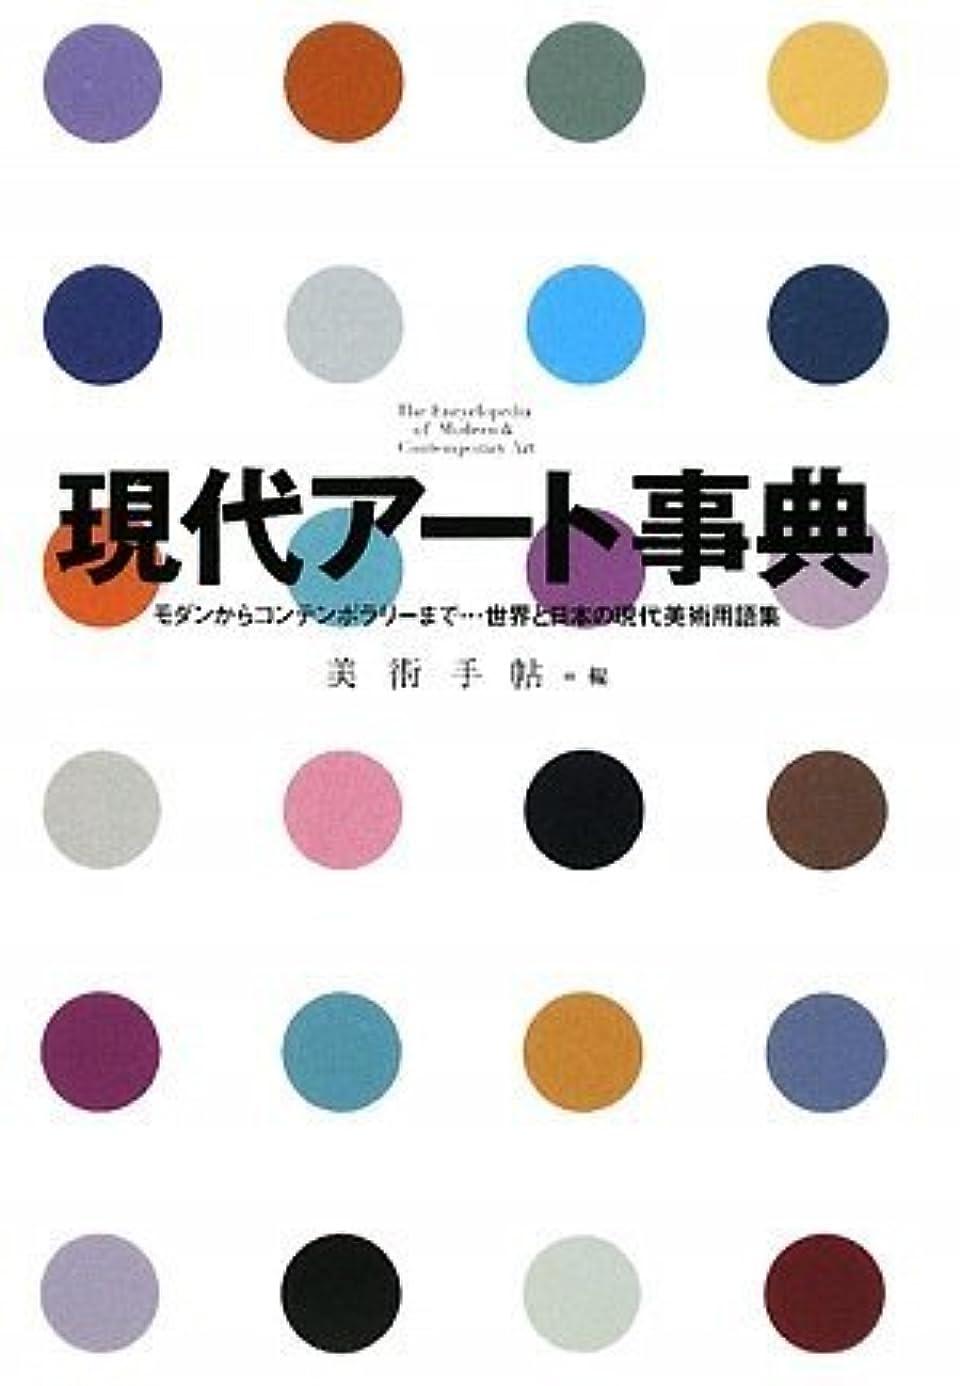 ピット帰る病弱現代アート事典 モダンからコンテンポラリーまで……世界と日本の現代美術用語集